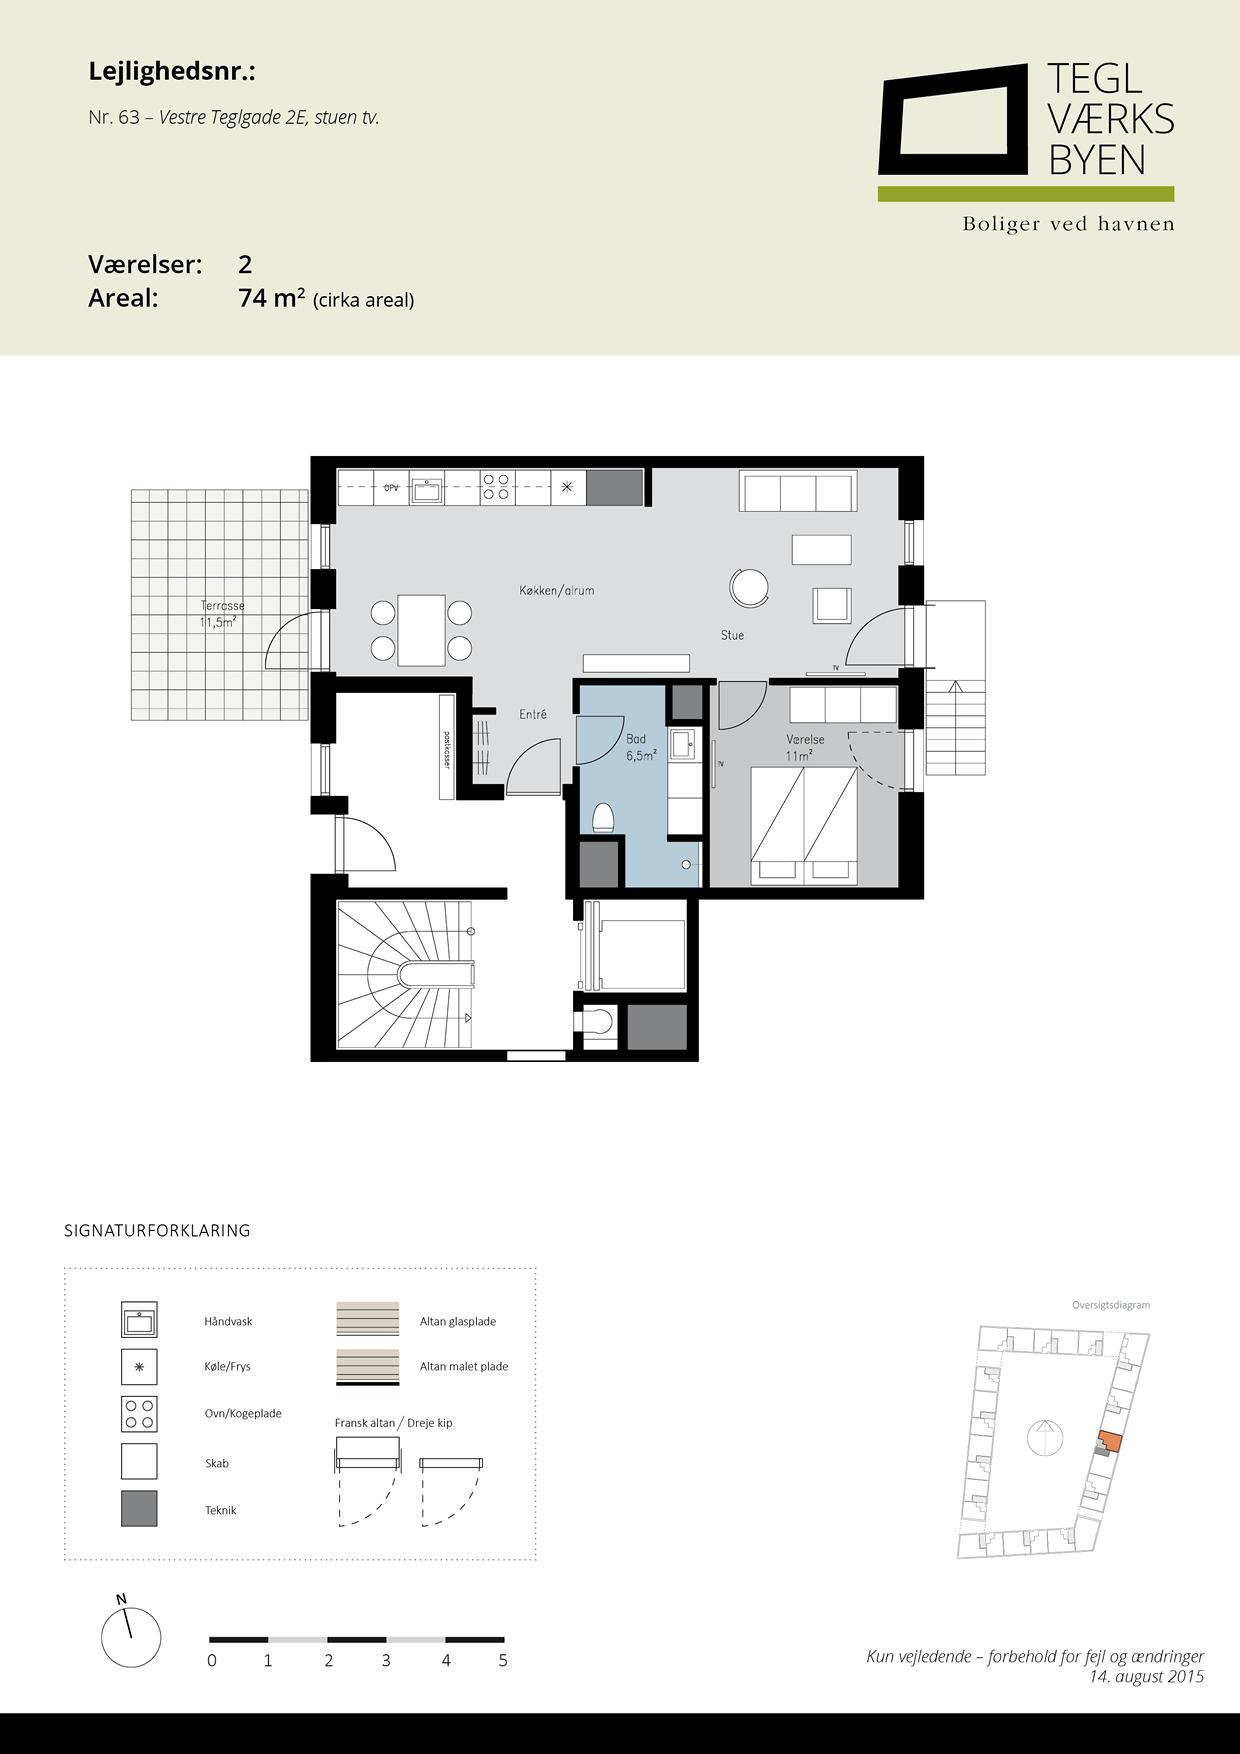 Teglvaerksbyen_63_plan